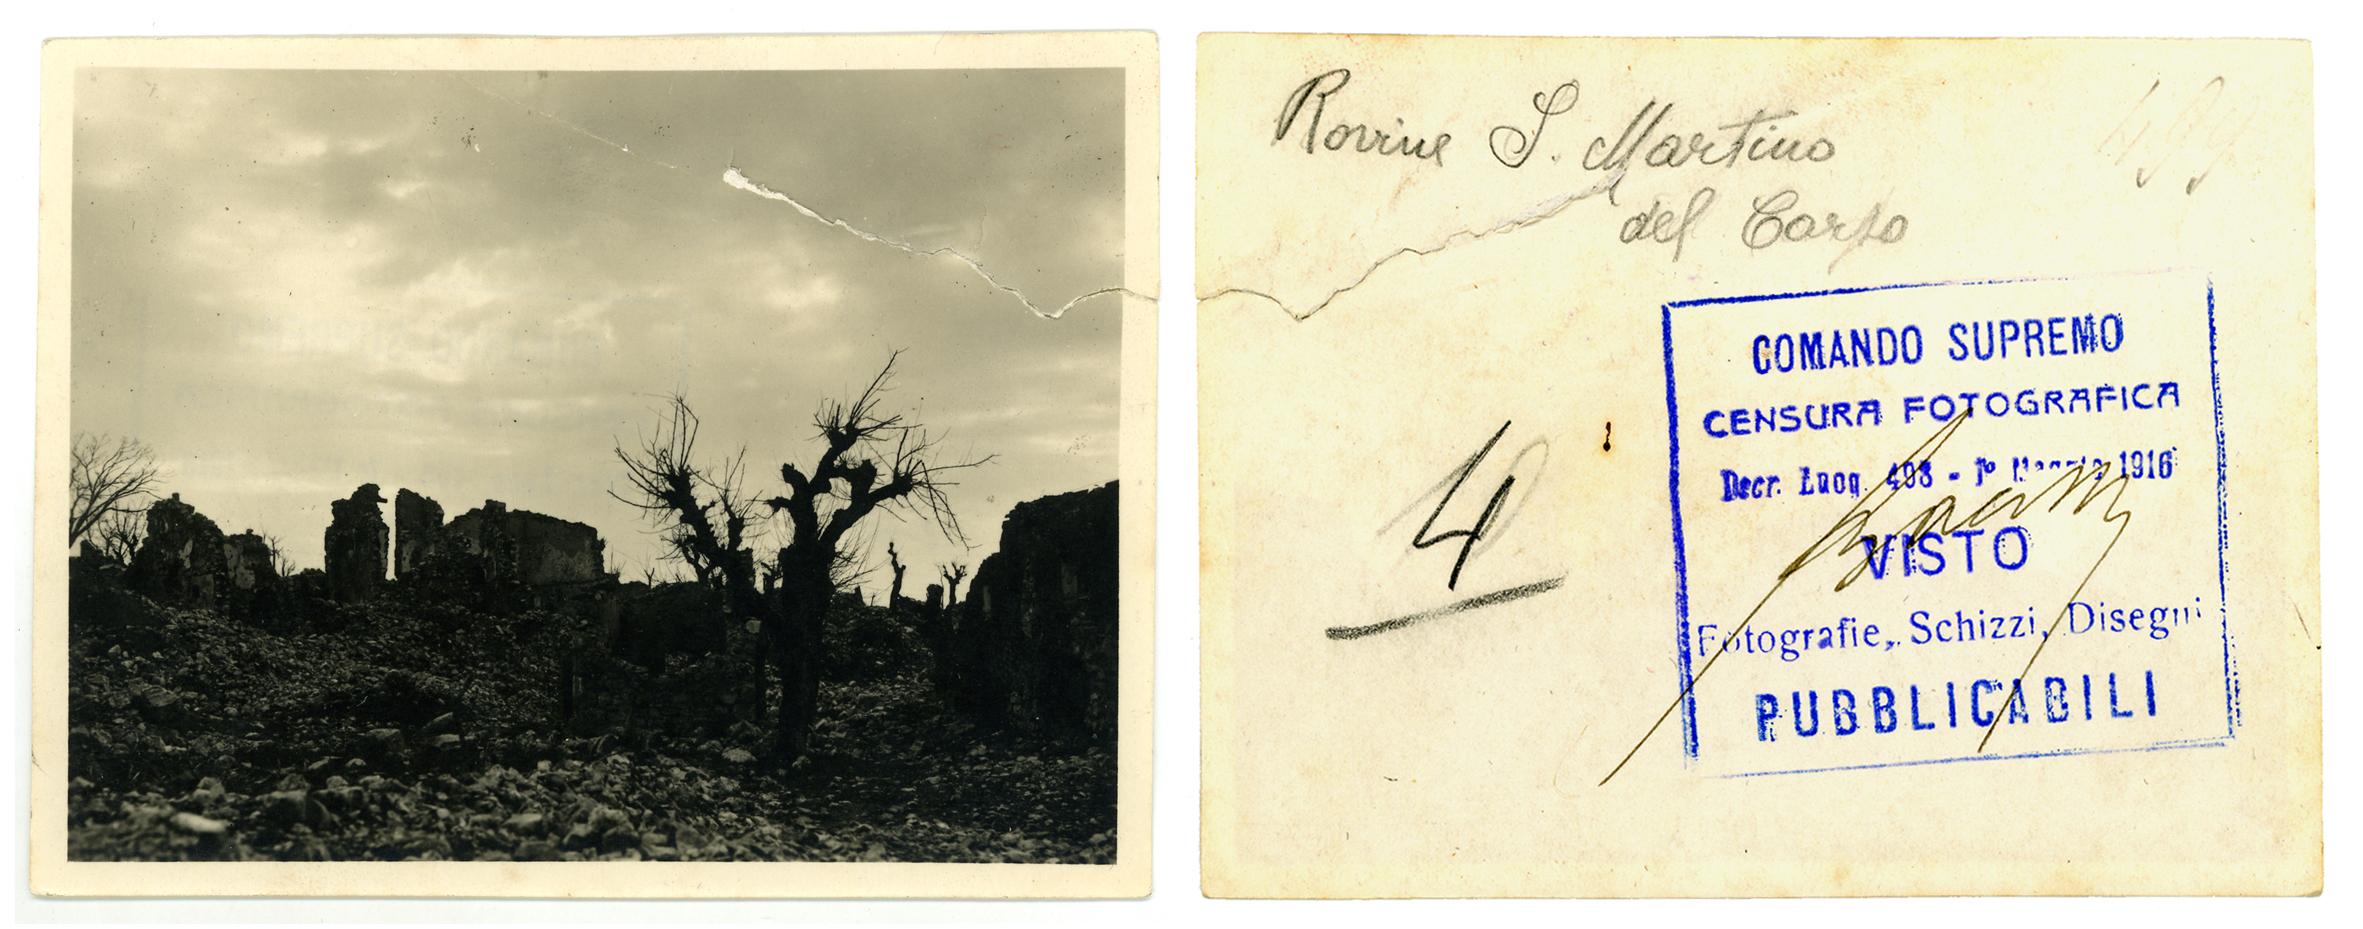 La prima fotografia acquisita dall'Archivio Storico Dal Molin - anno 1986 -le rovine di San Martino del Carso